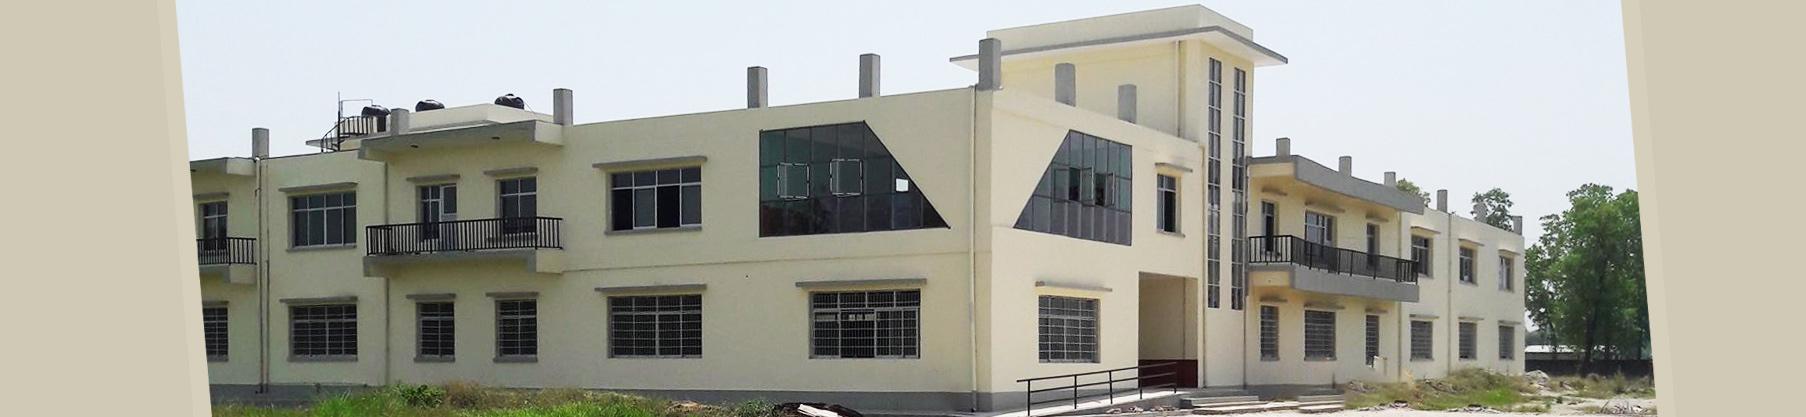 Tikapur Polytechnic Institute